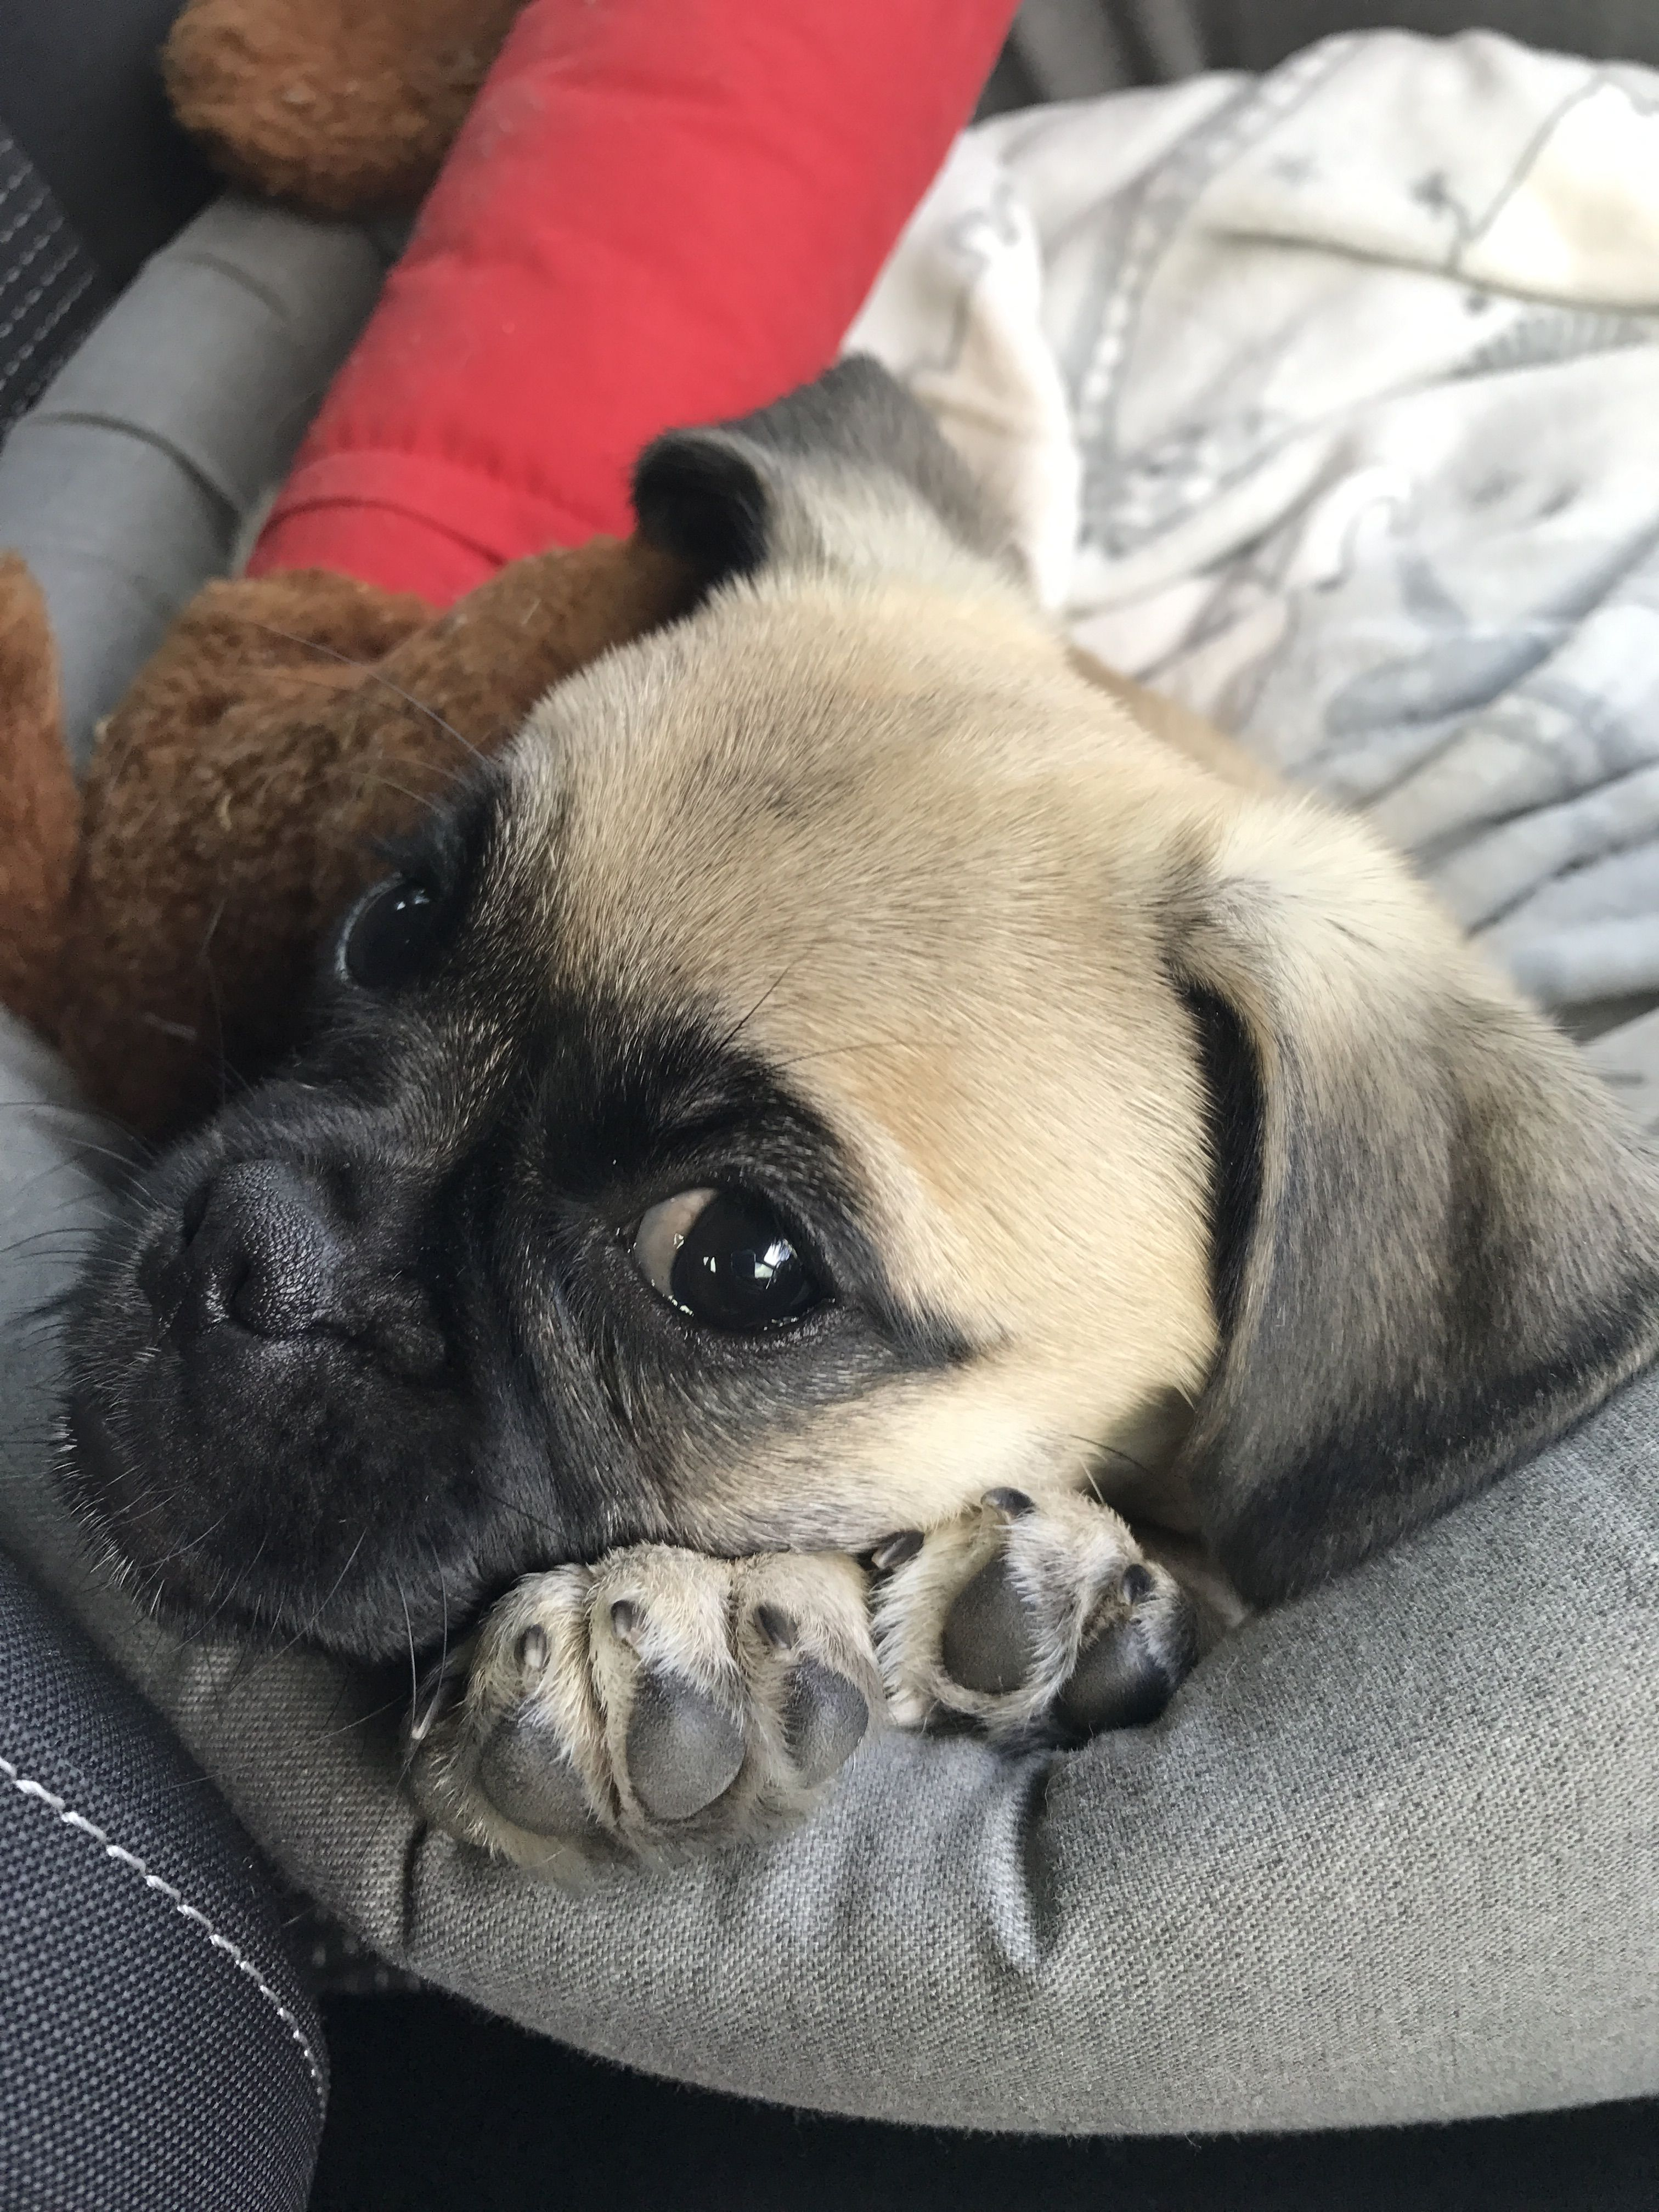 Tanner the rescue pug @apugcalledtanner on instagram